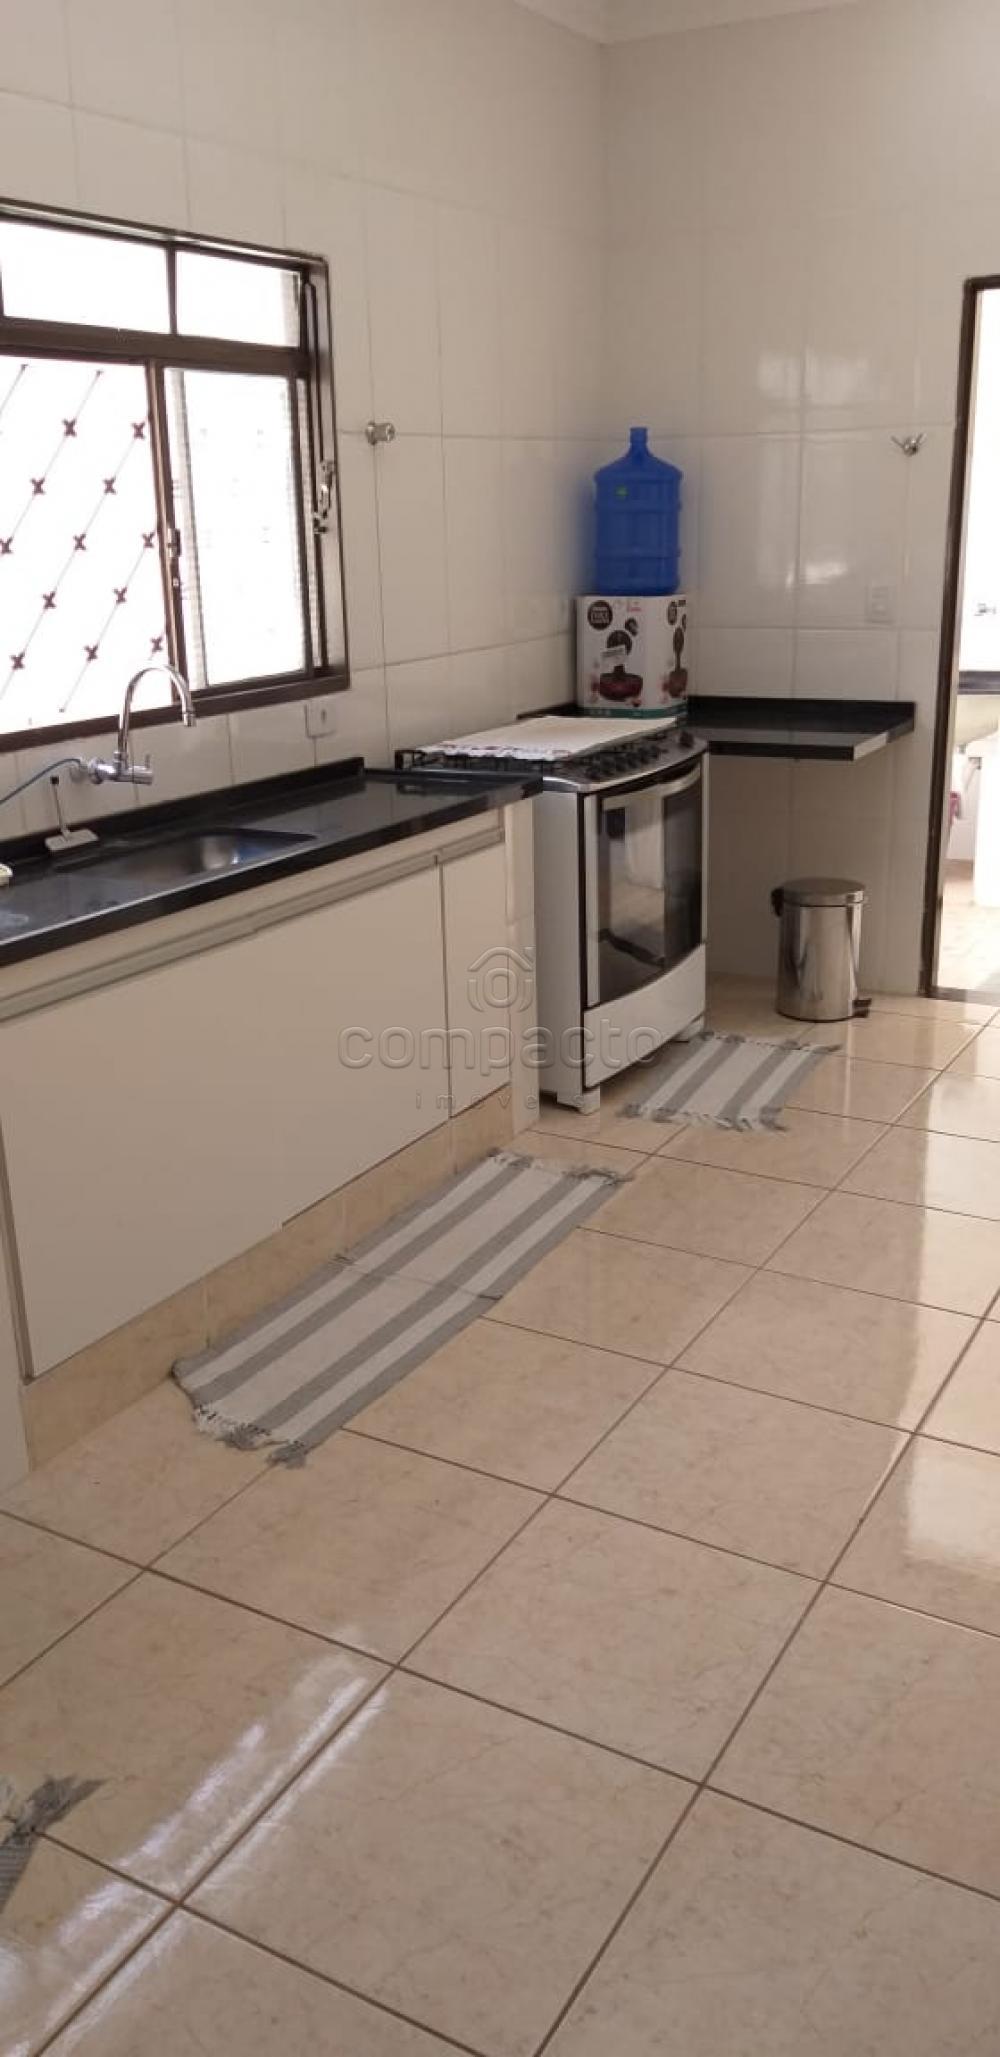 Comprar Casa / Padrão em São José do Rio Preto apenas R$ 420.000,00 - Foto 15